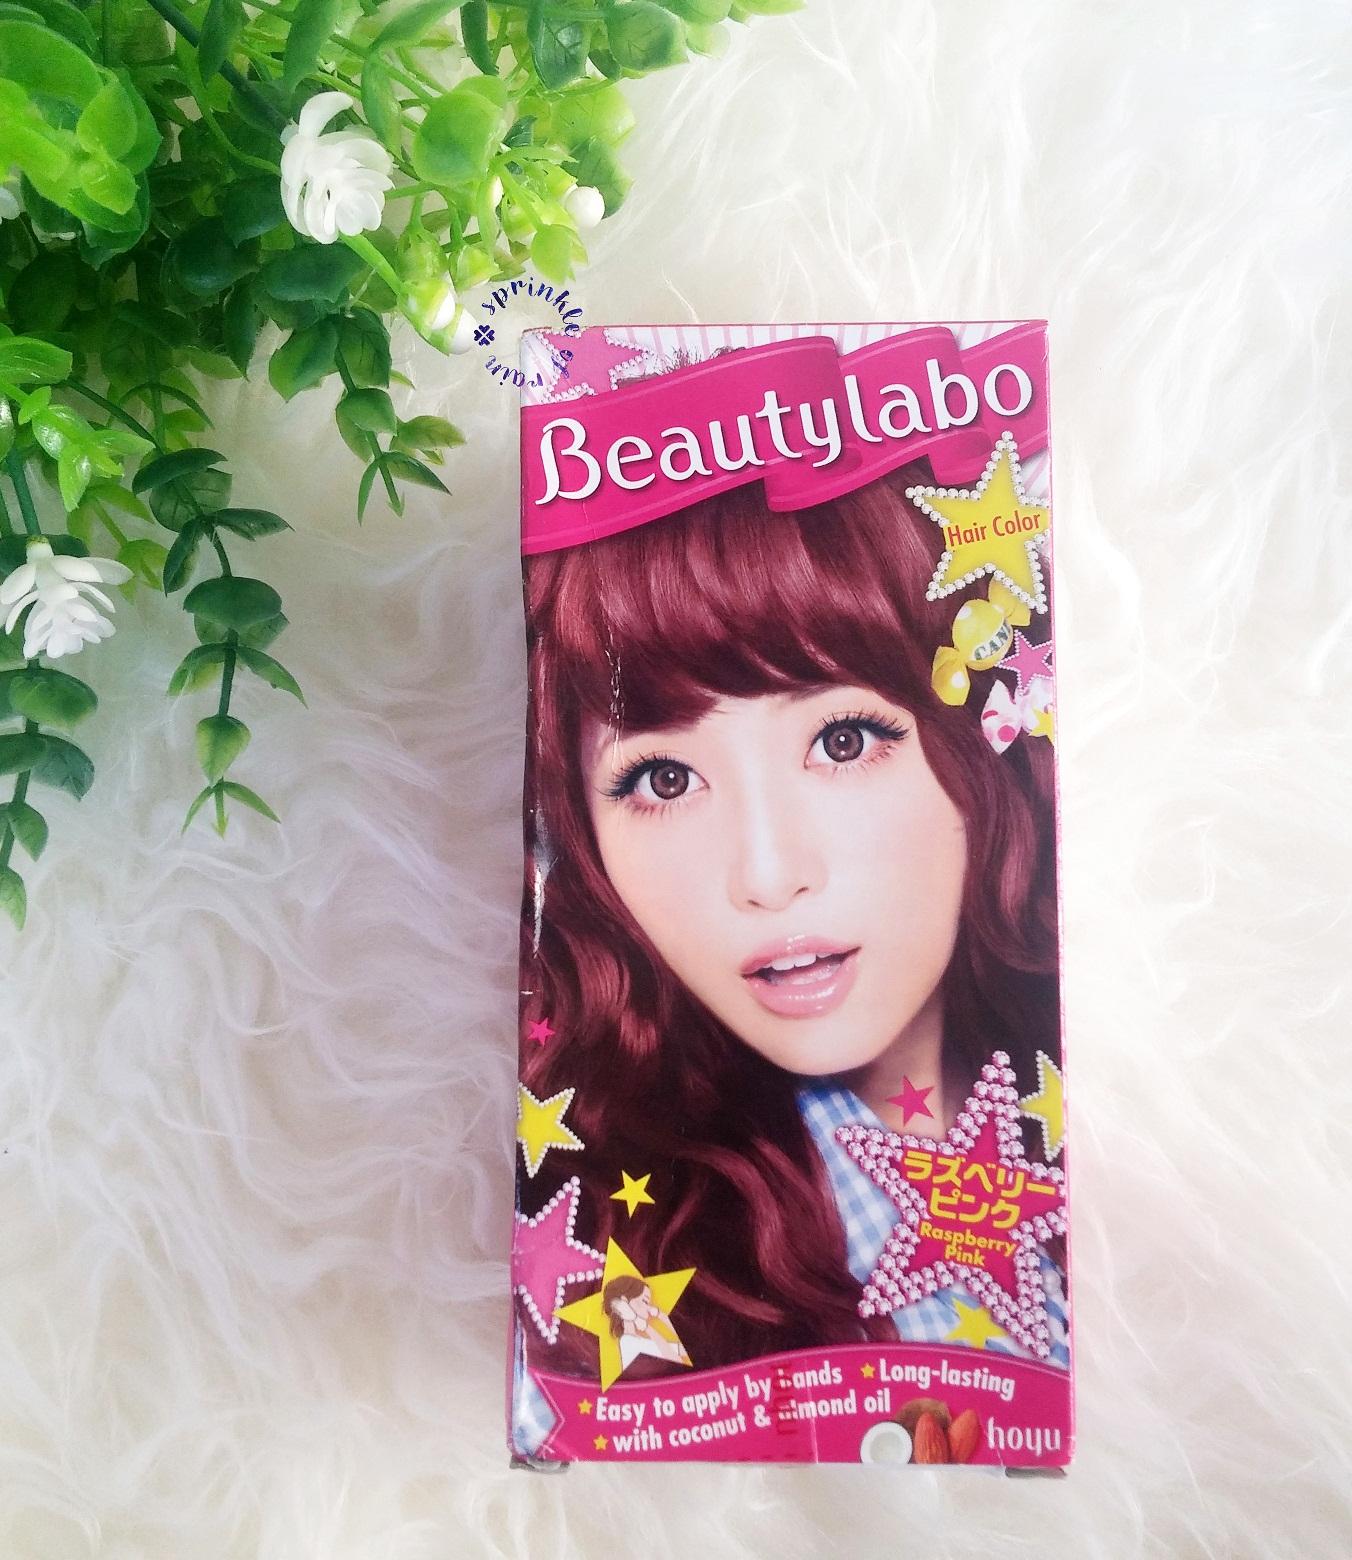 Review Beautylabo Hair Color Tampil Cantik Sisir Cat Semir Rambut Semua Packagingnya Dari Karton Gitu Terus Ada Gambar Cewe Jepang Dengan Warna Sesuai Rambutnya Nah Kebetulan Yang Aku Pilih